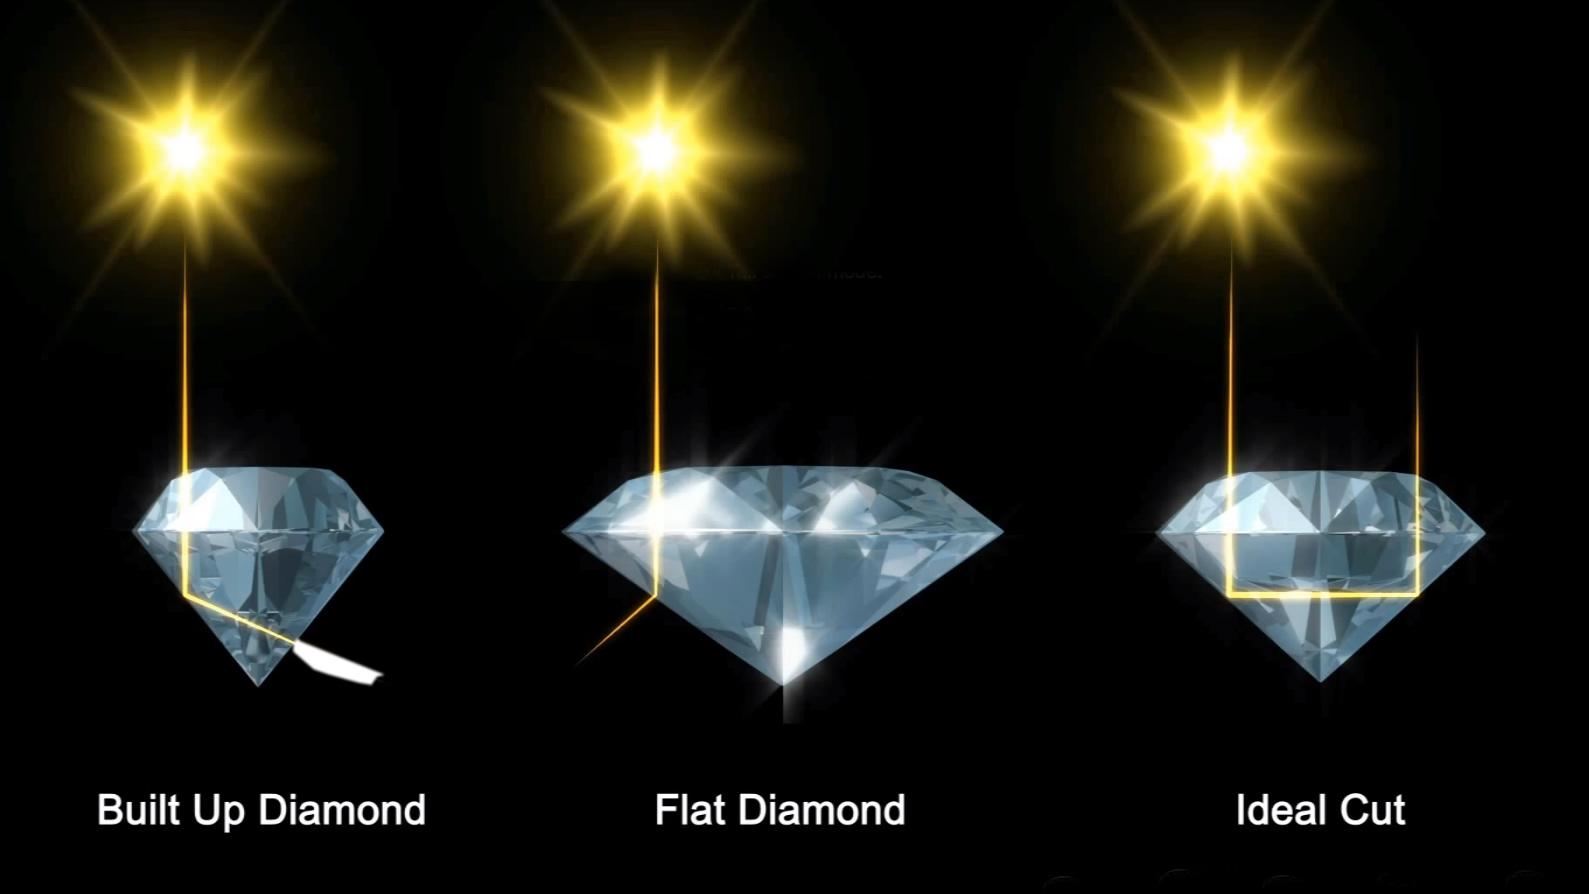 Diamond cut - what is it?